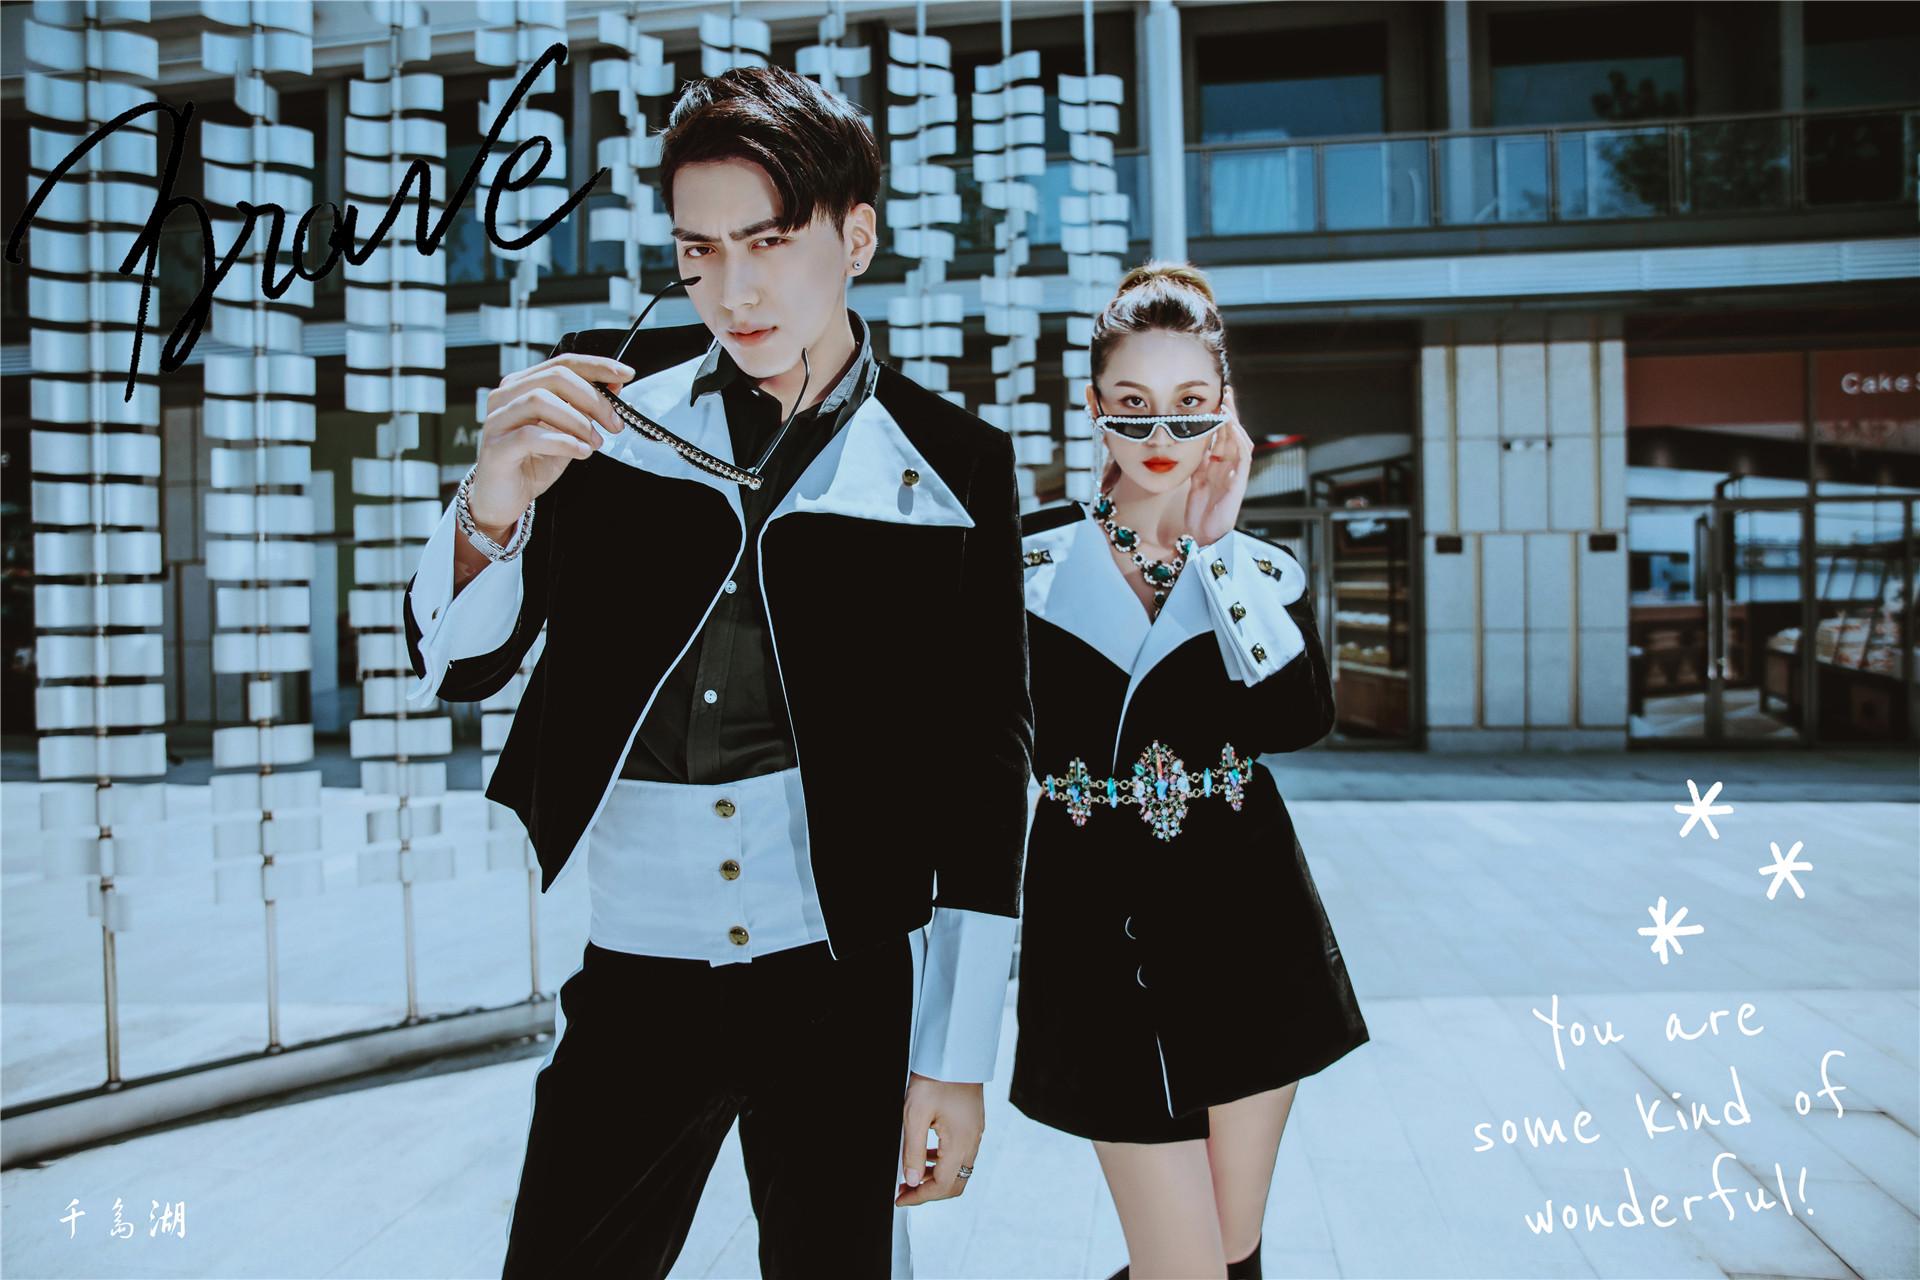 杭州旅拍婚纱照安利|杭州旅拍知名度高的婚纱摄影工作室有哪些?